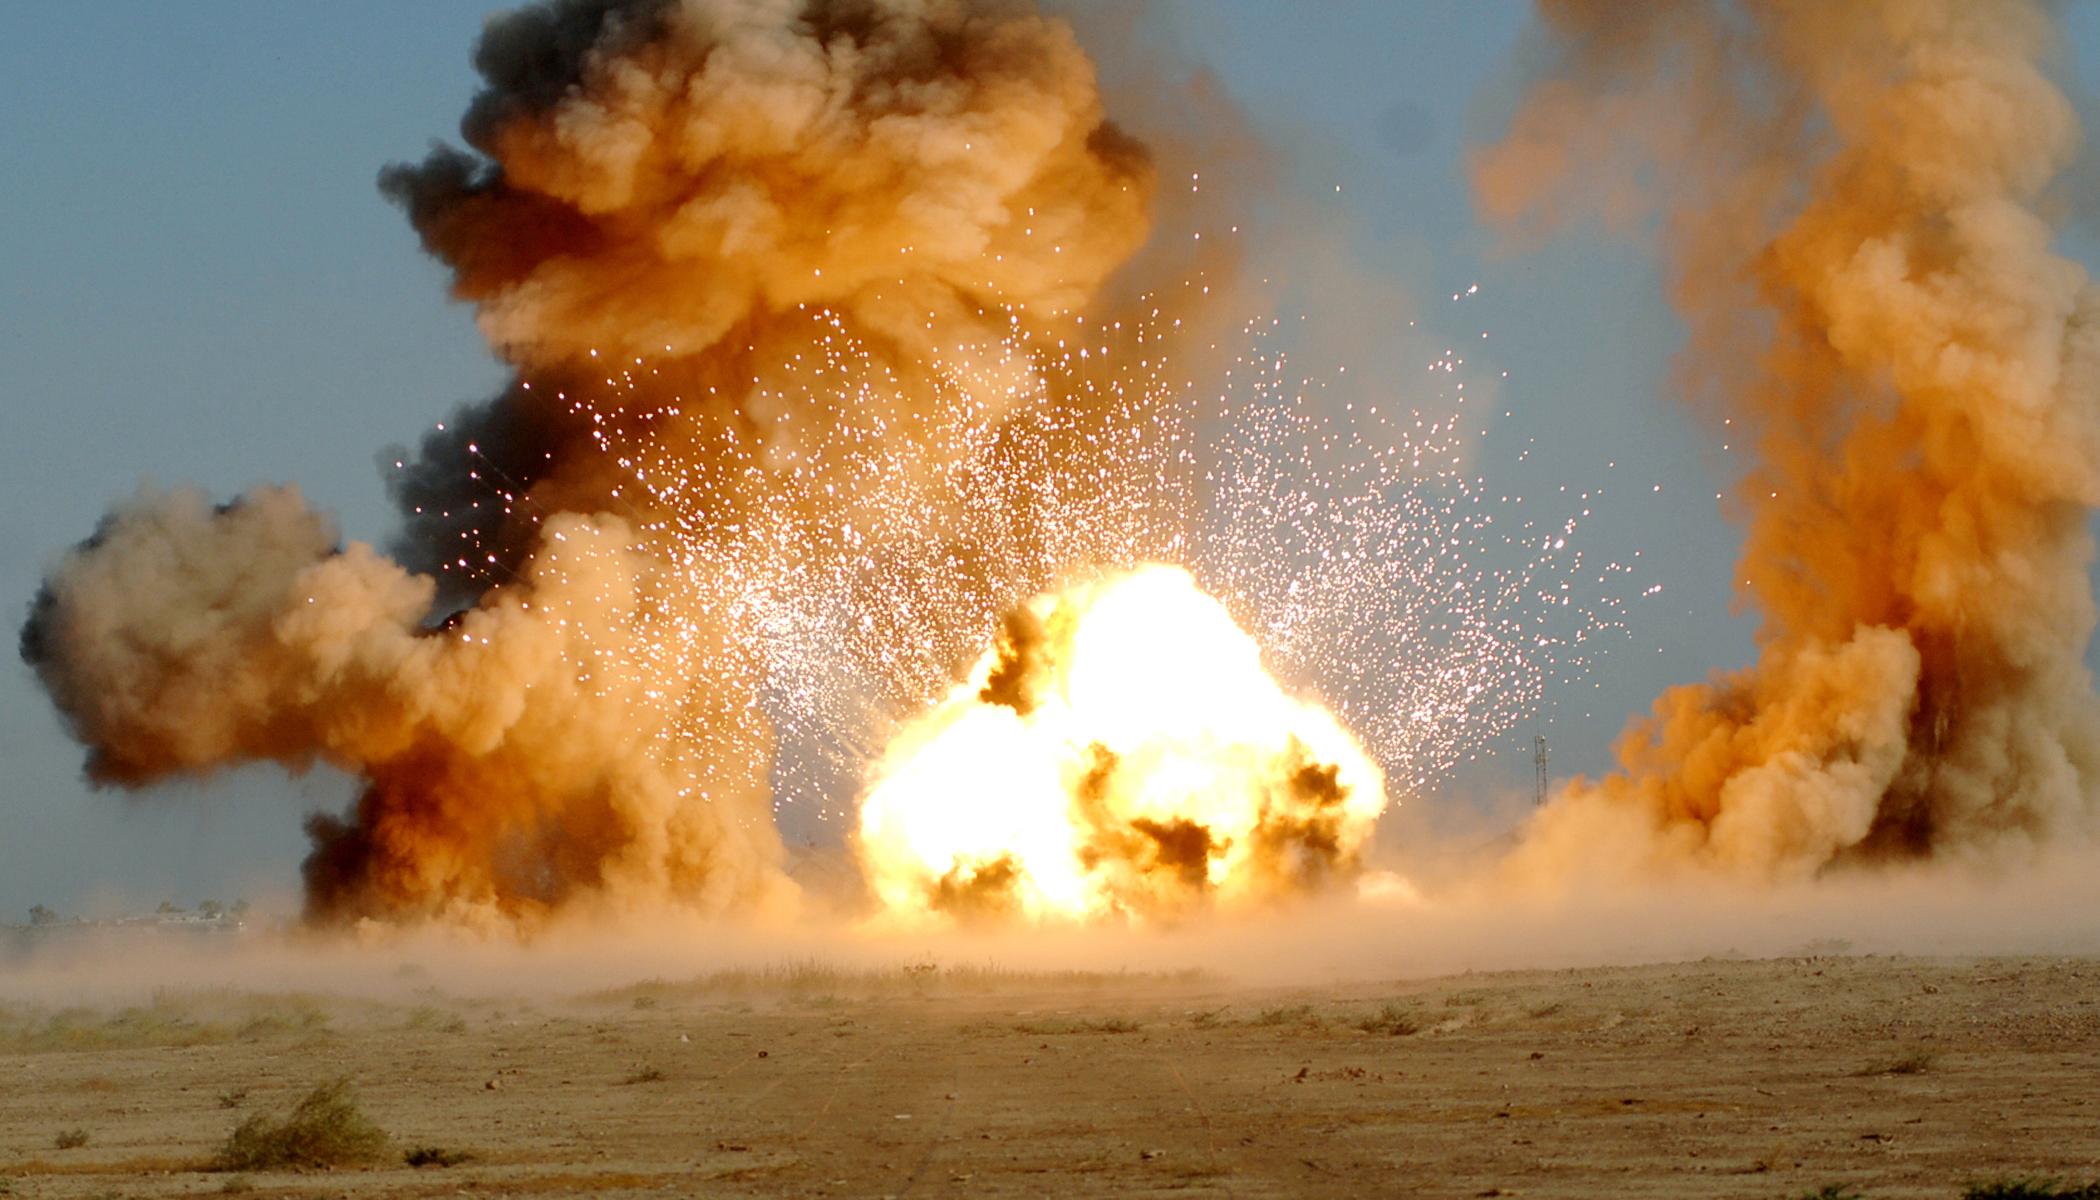 combustione ed esplosione-chimicamo